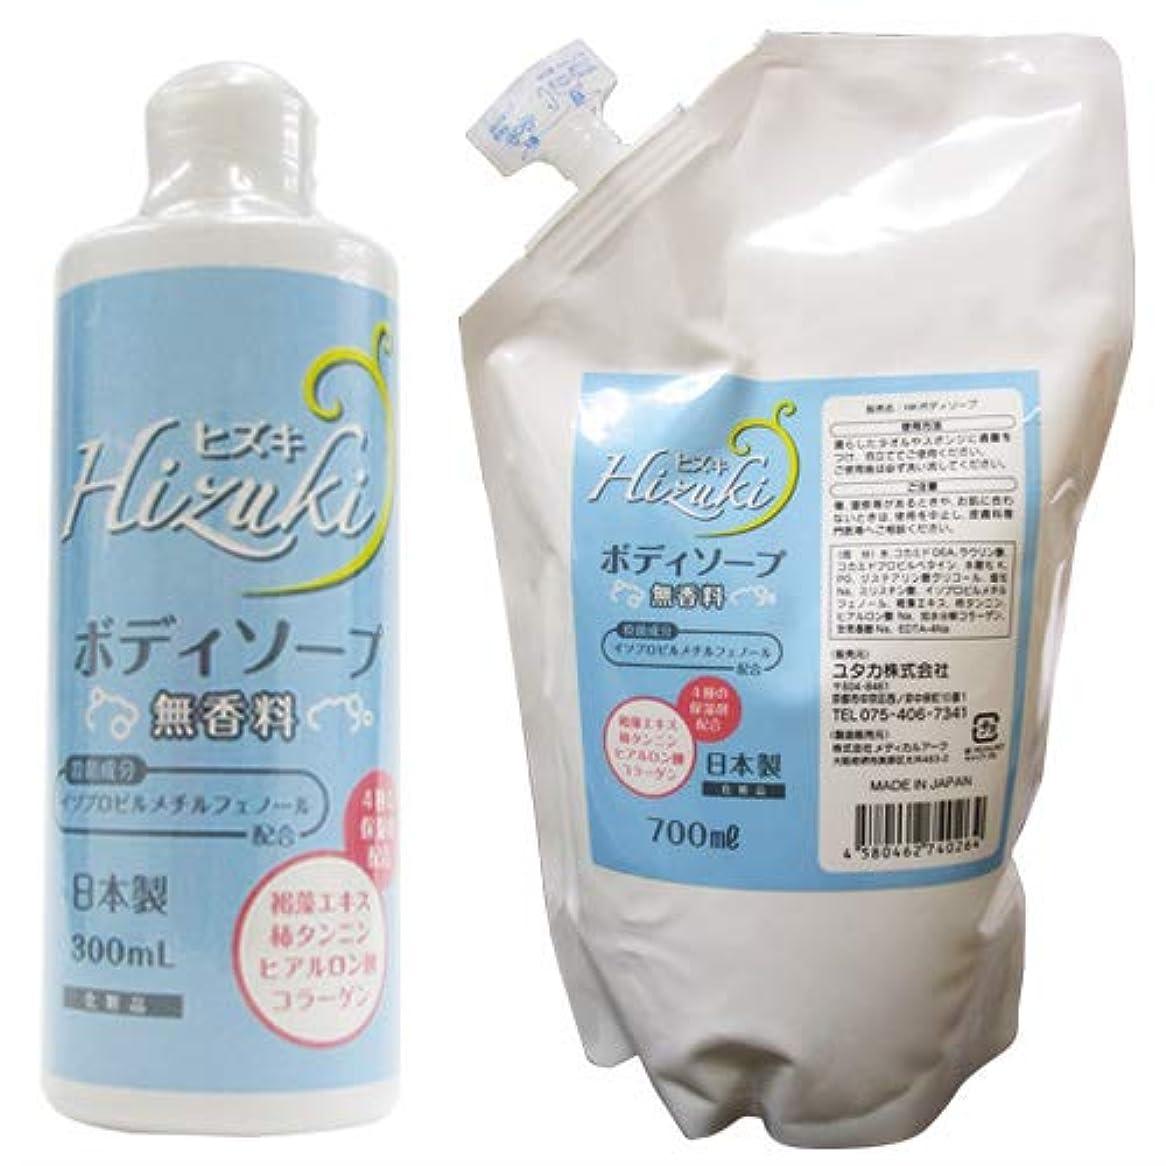 値オーバードローポンドHizuki(ヒズキ) ボディソープ 300mL + 詰め替え用700mL セット